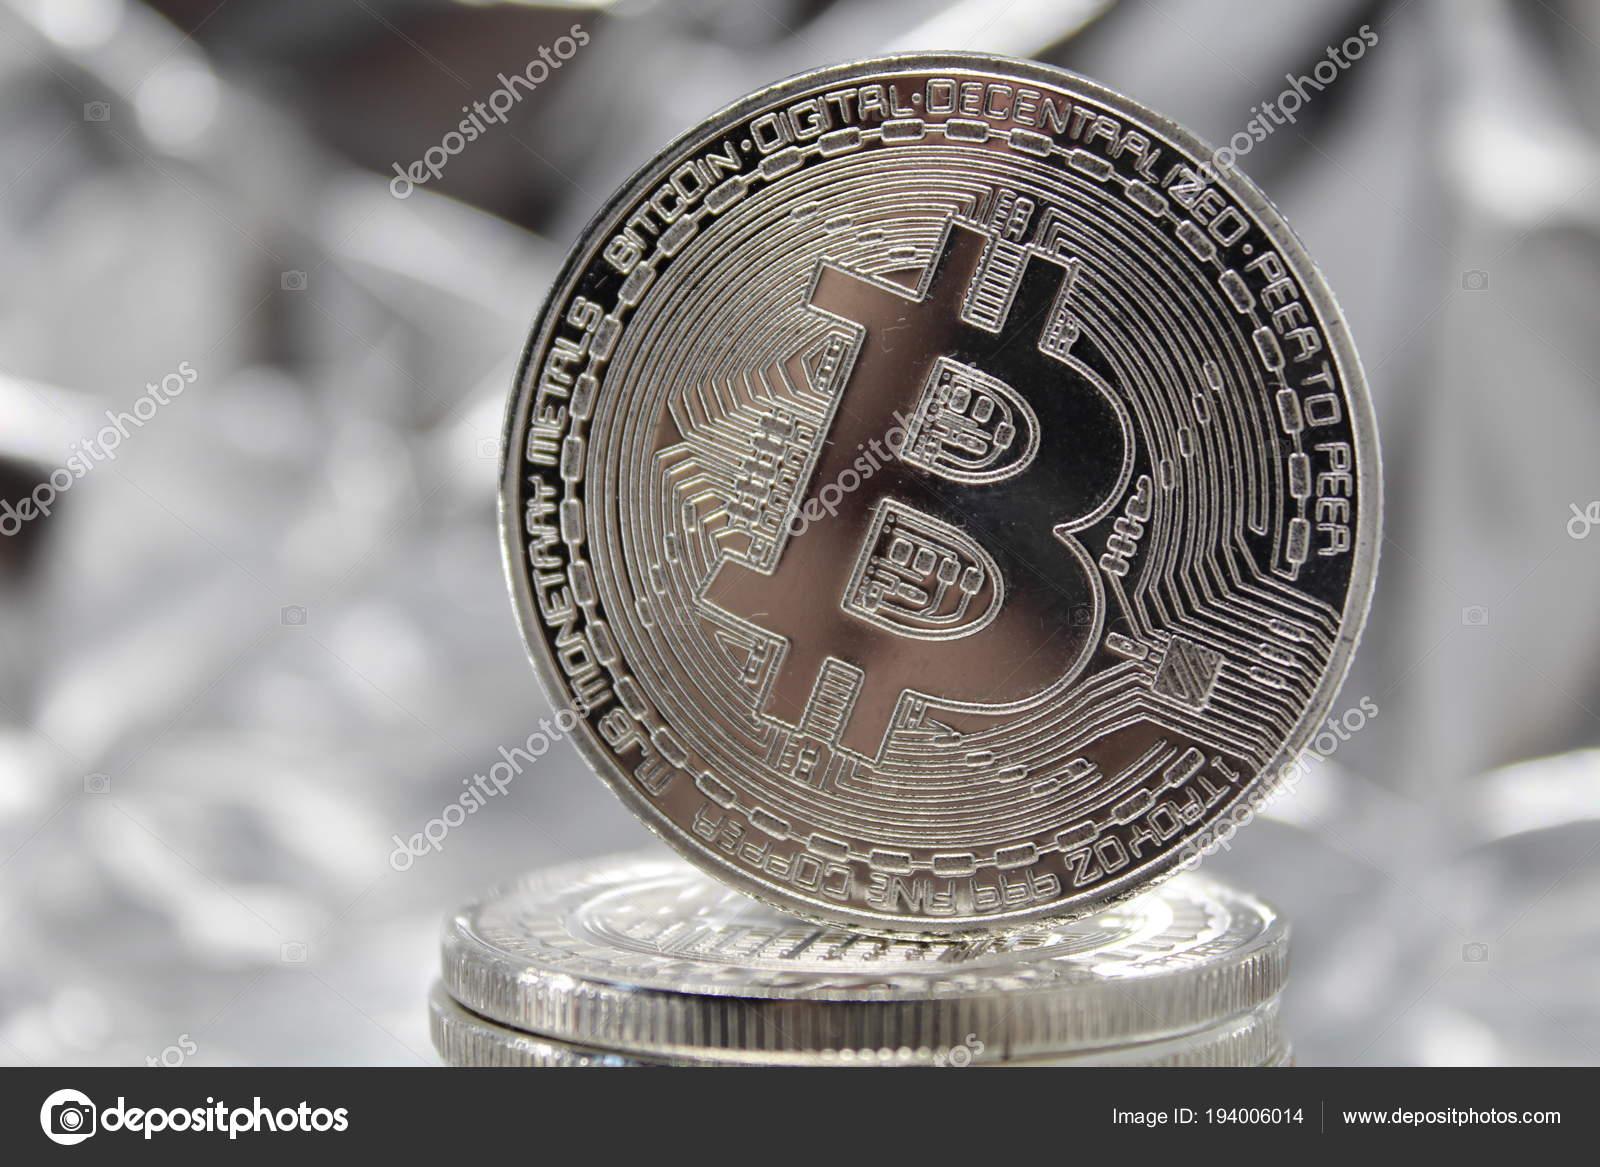 trucos de bitcoin e kereskedelmi kriptocurrencia